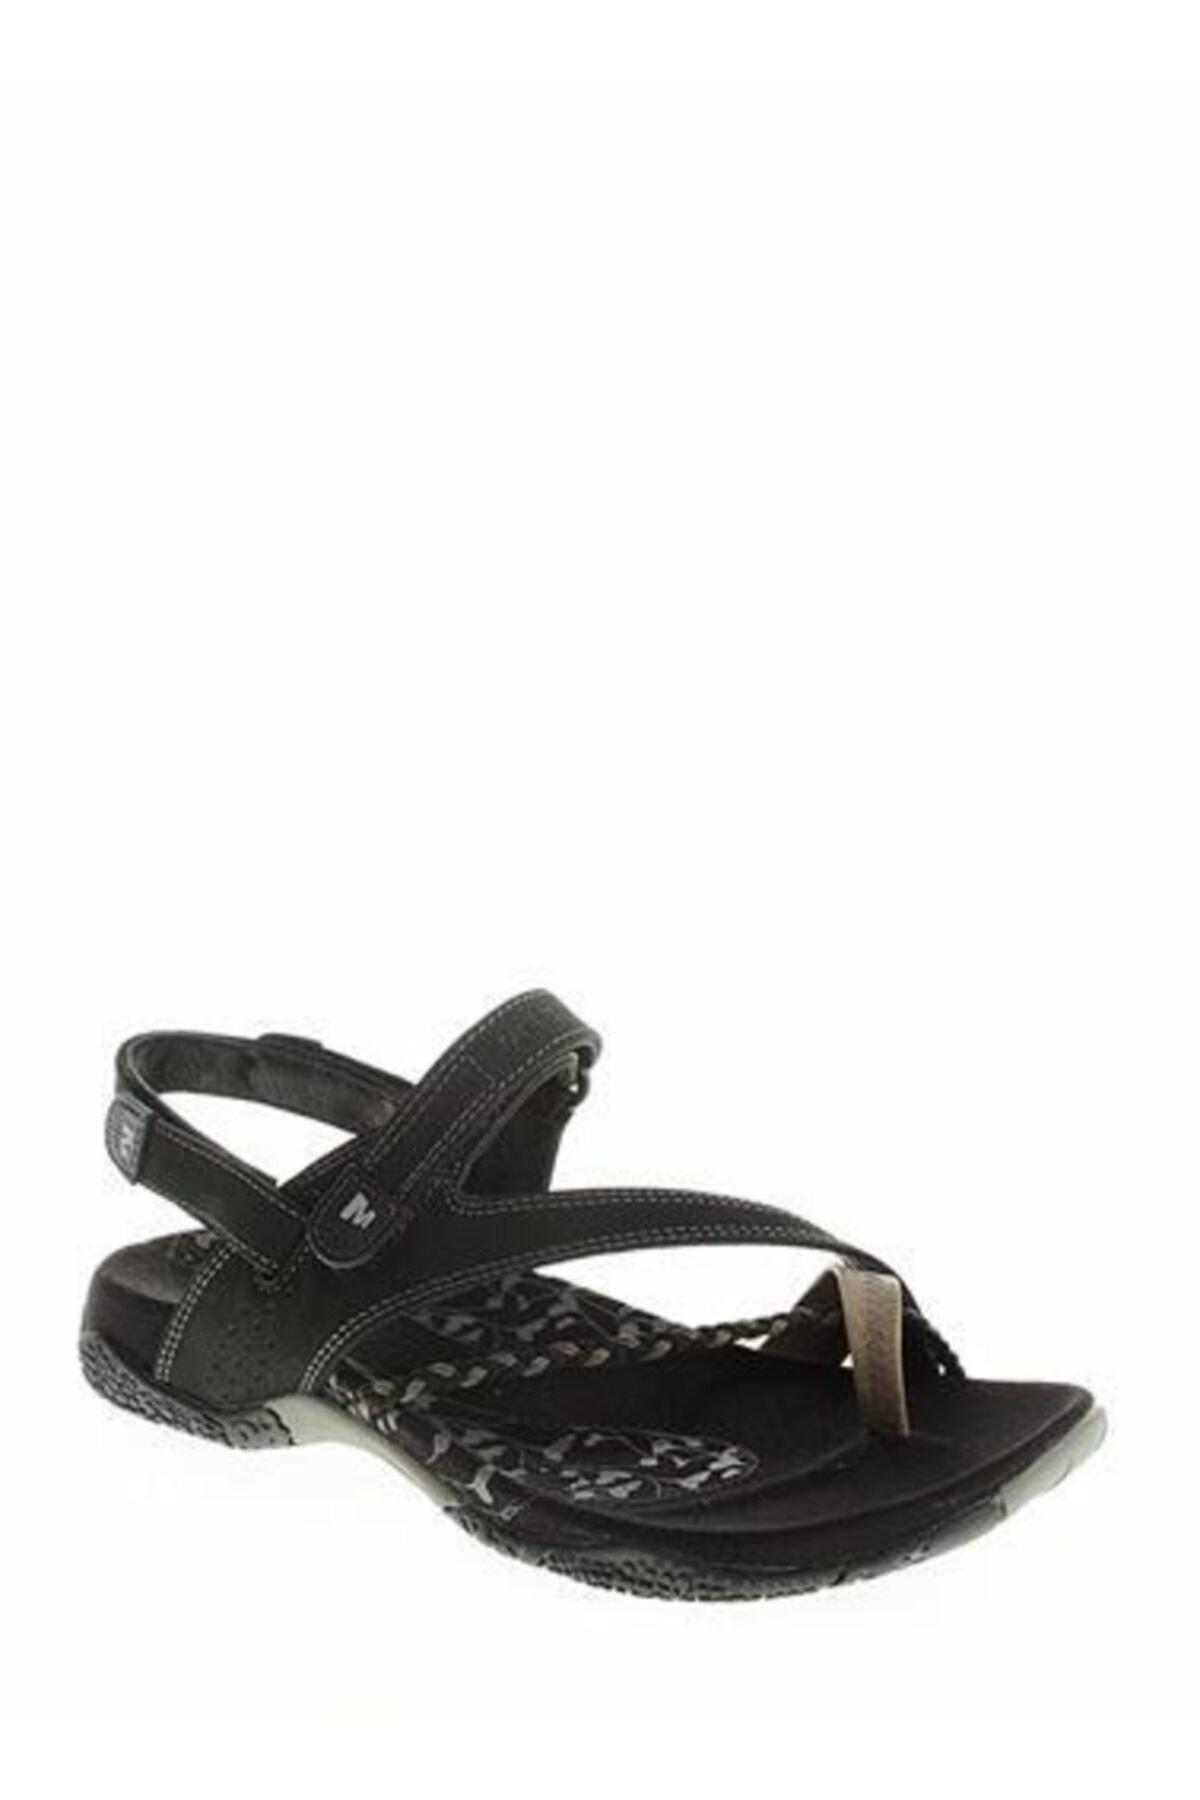 Merrell J36420 Siena Black Kadın Sandalet 1